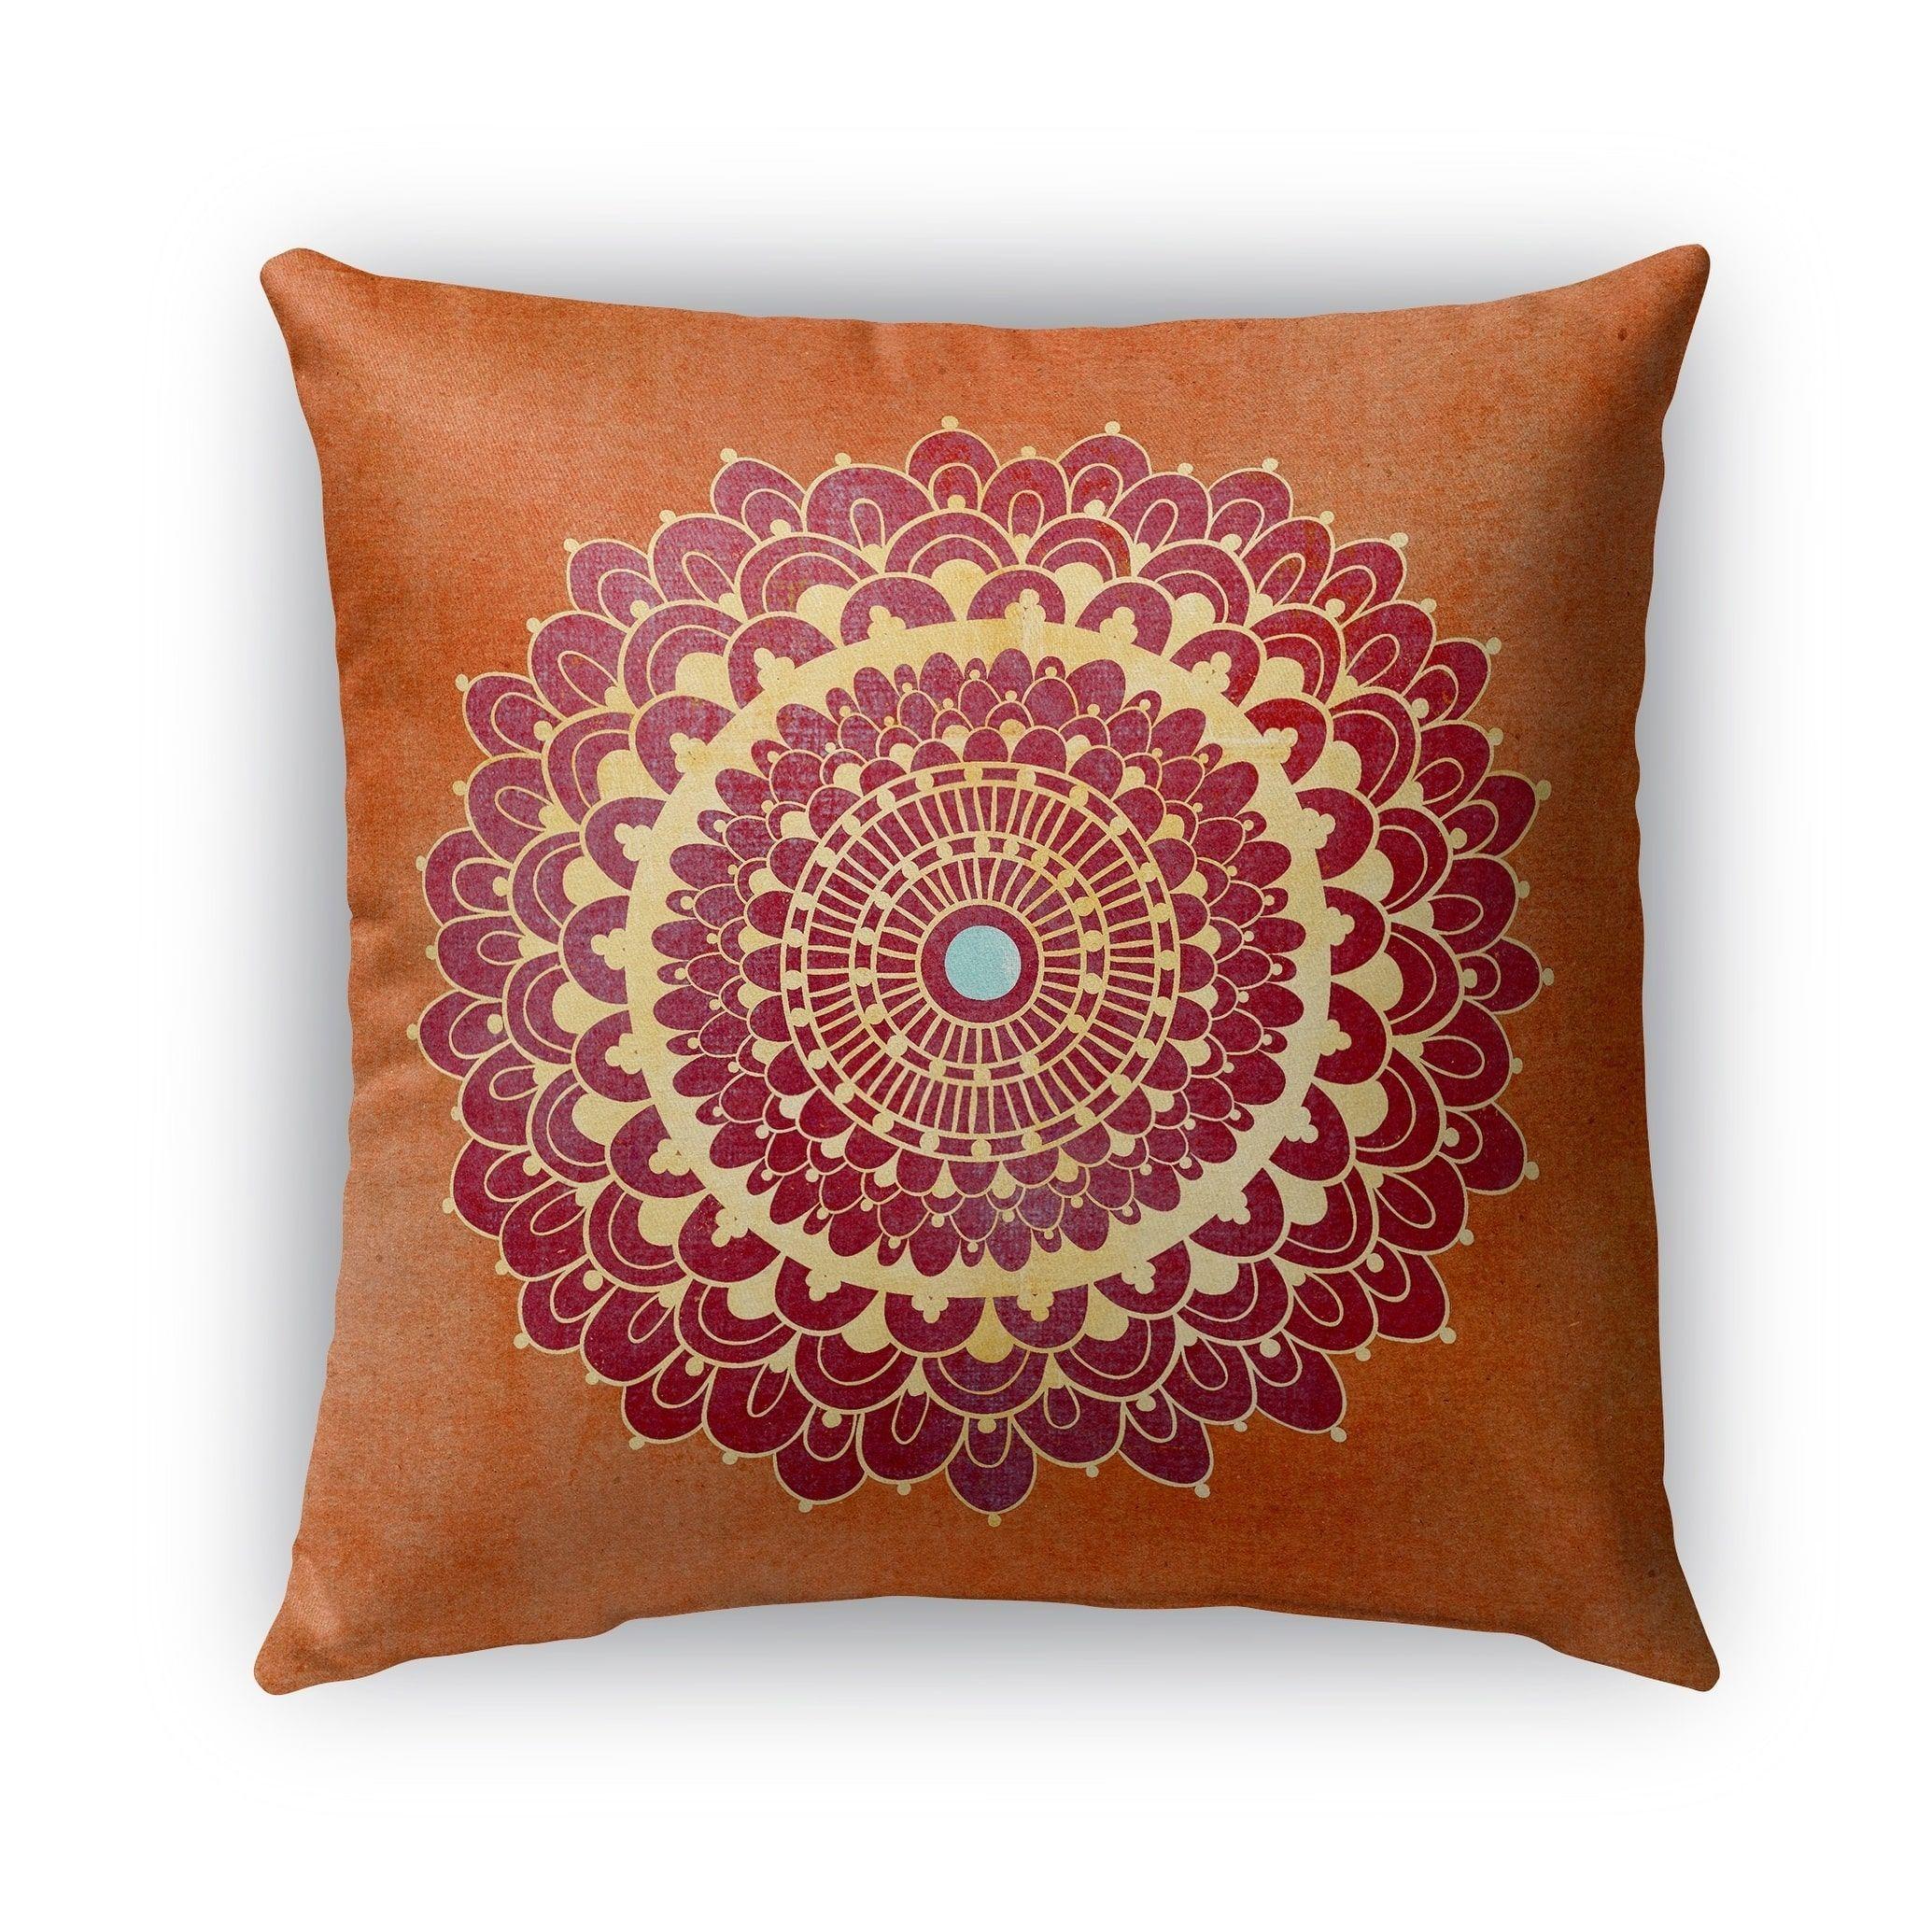 26X26 Pillow Insert Kavka Designs Orange Red Yellow Blue Boomboom Outdoor Pillow